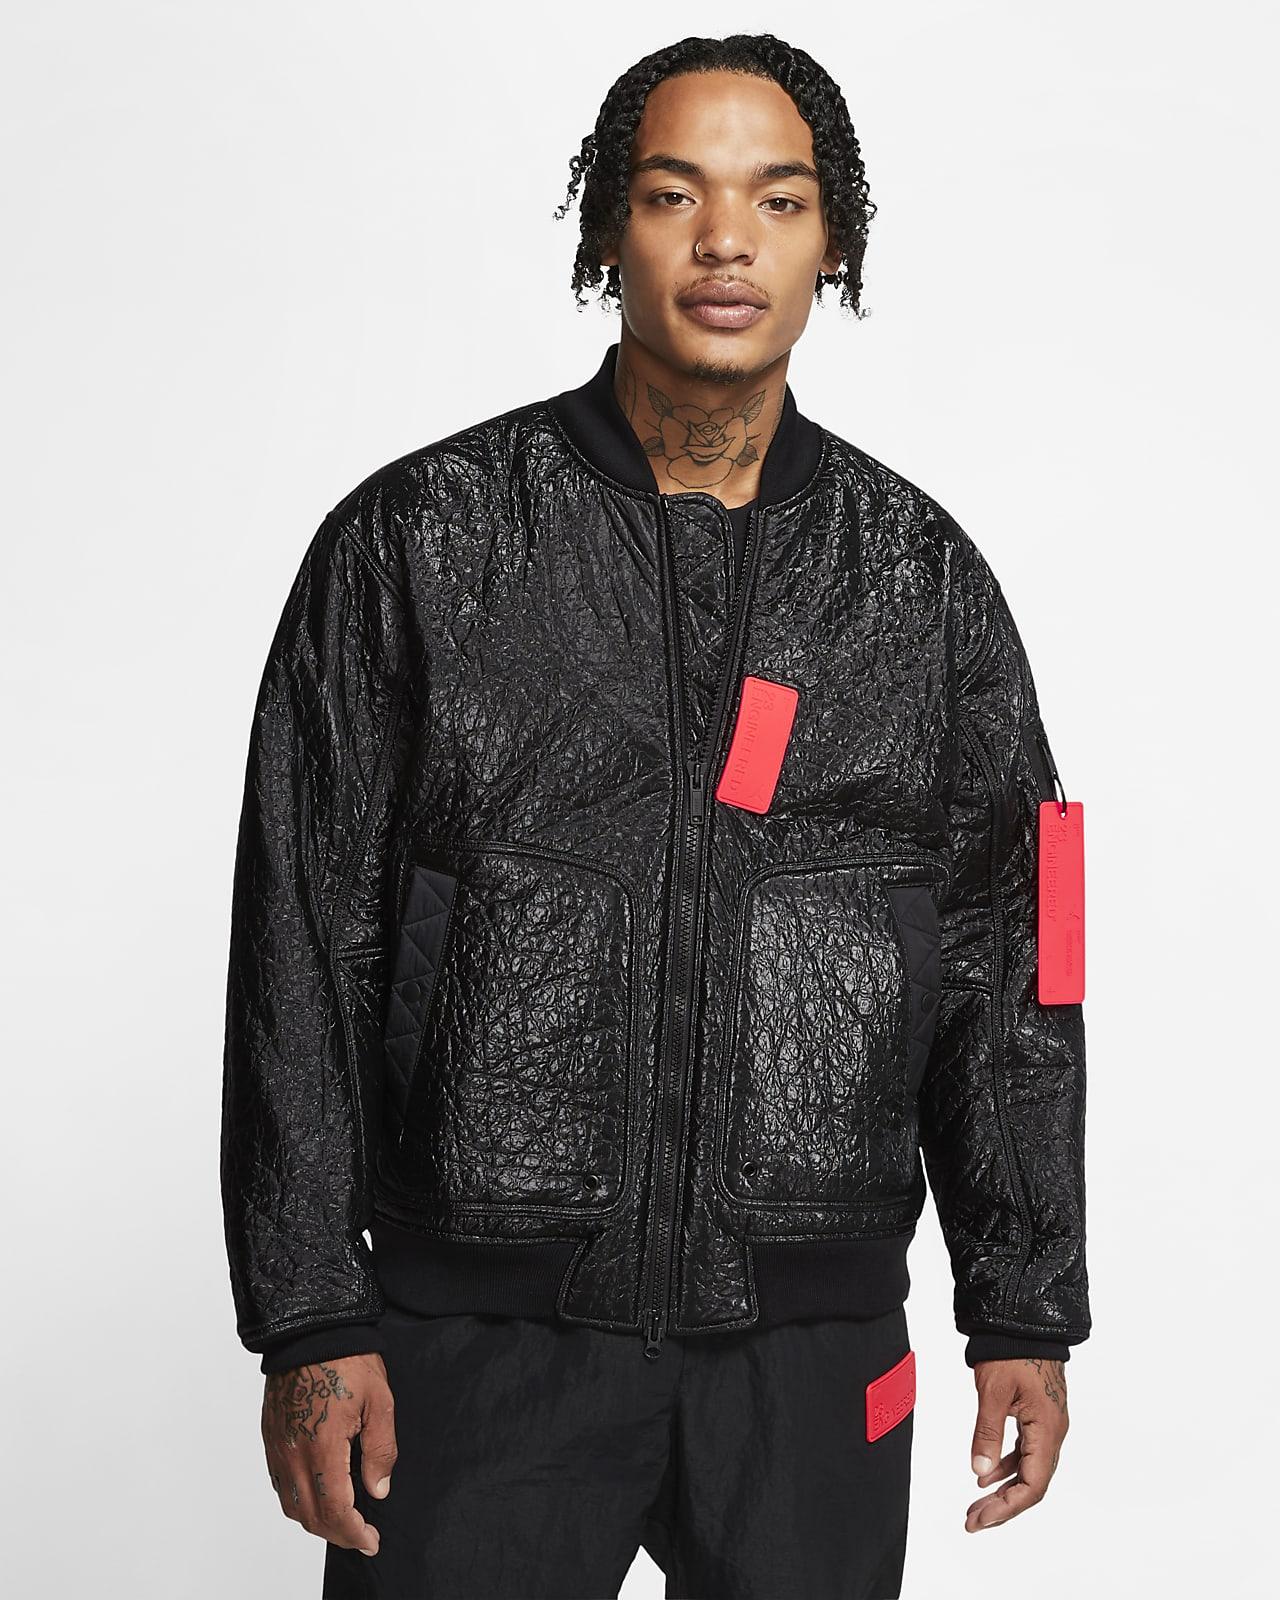 Bomber Jacket. Nike LU